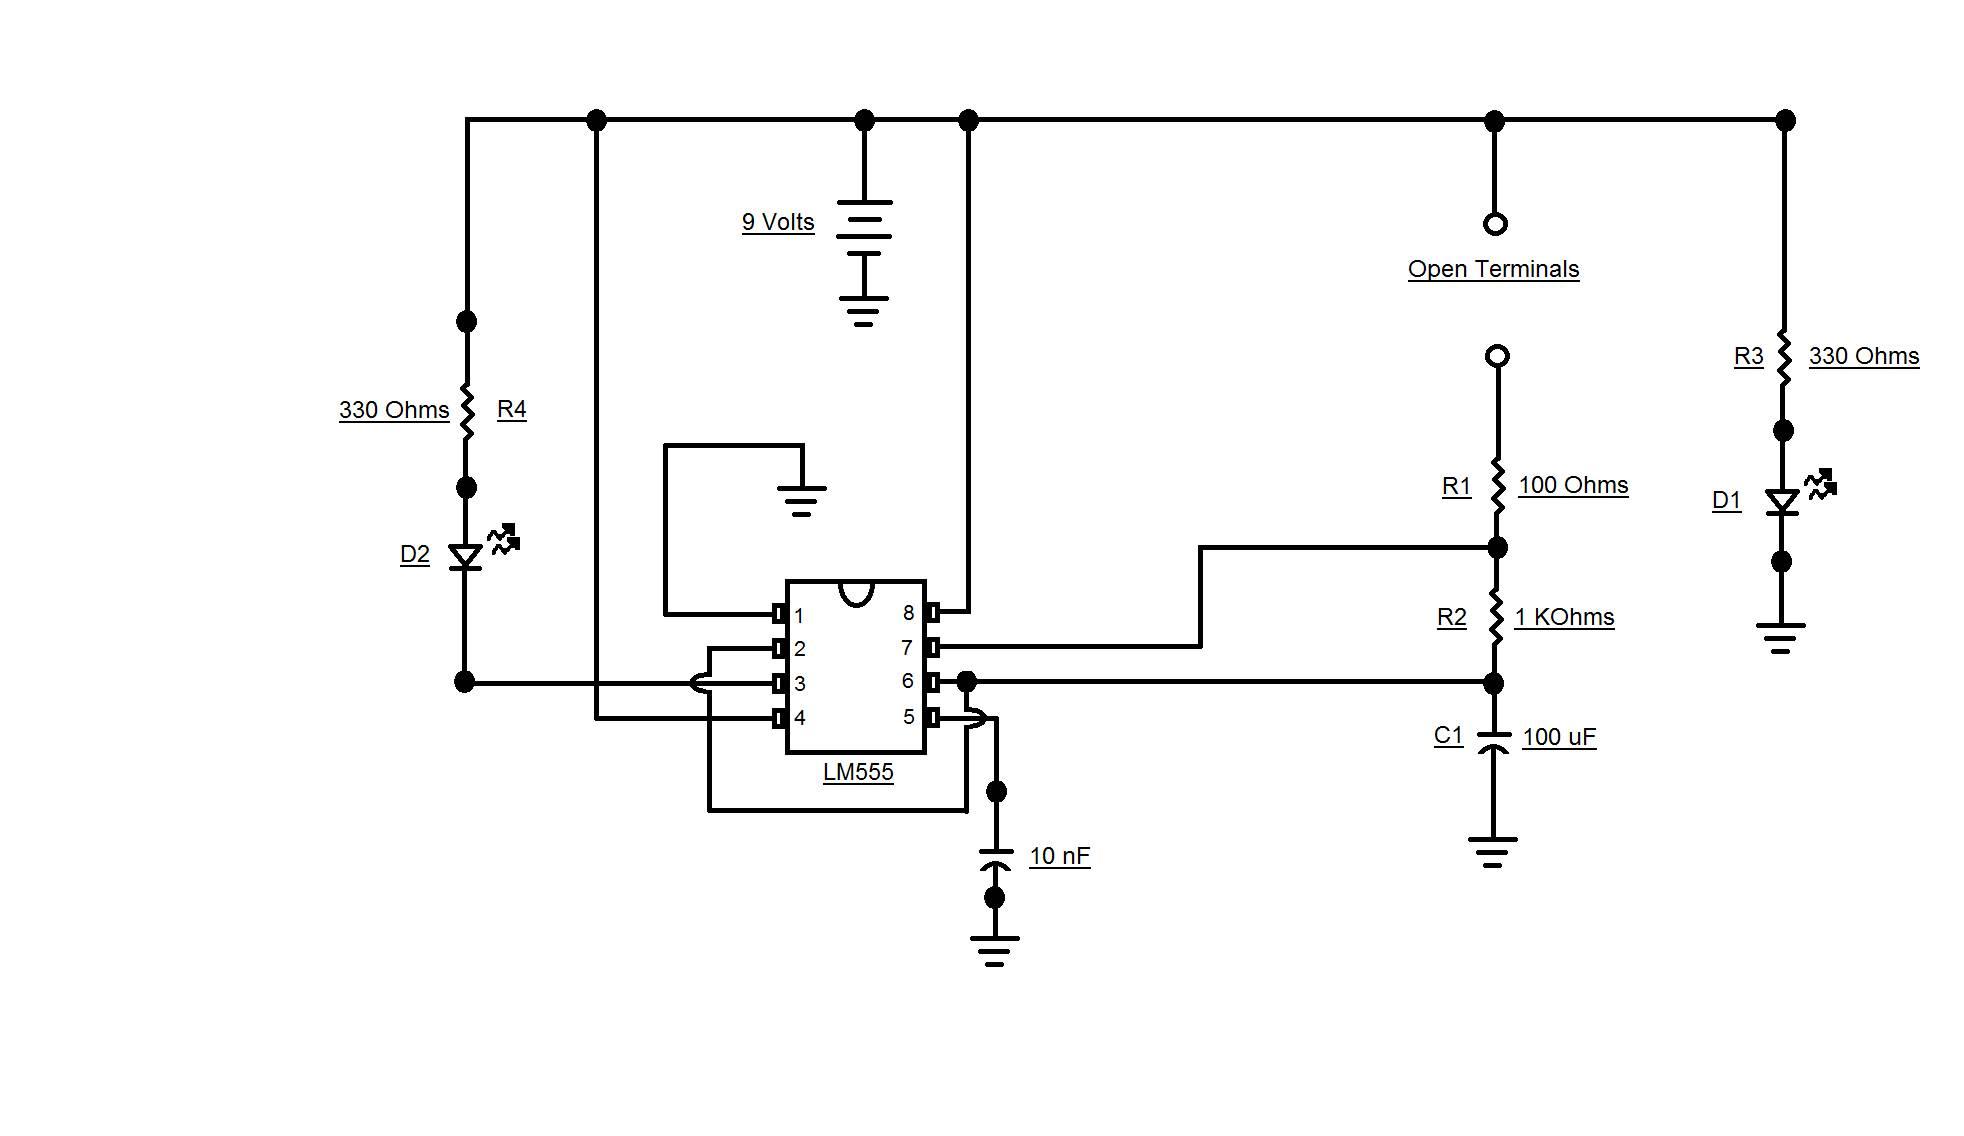 Picture of Diagram Circuit